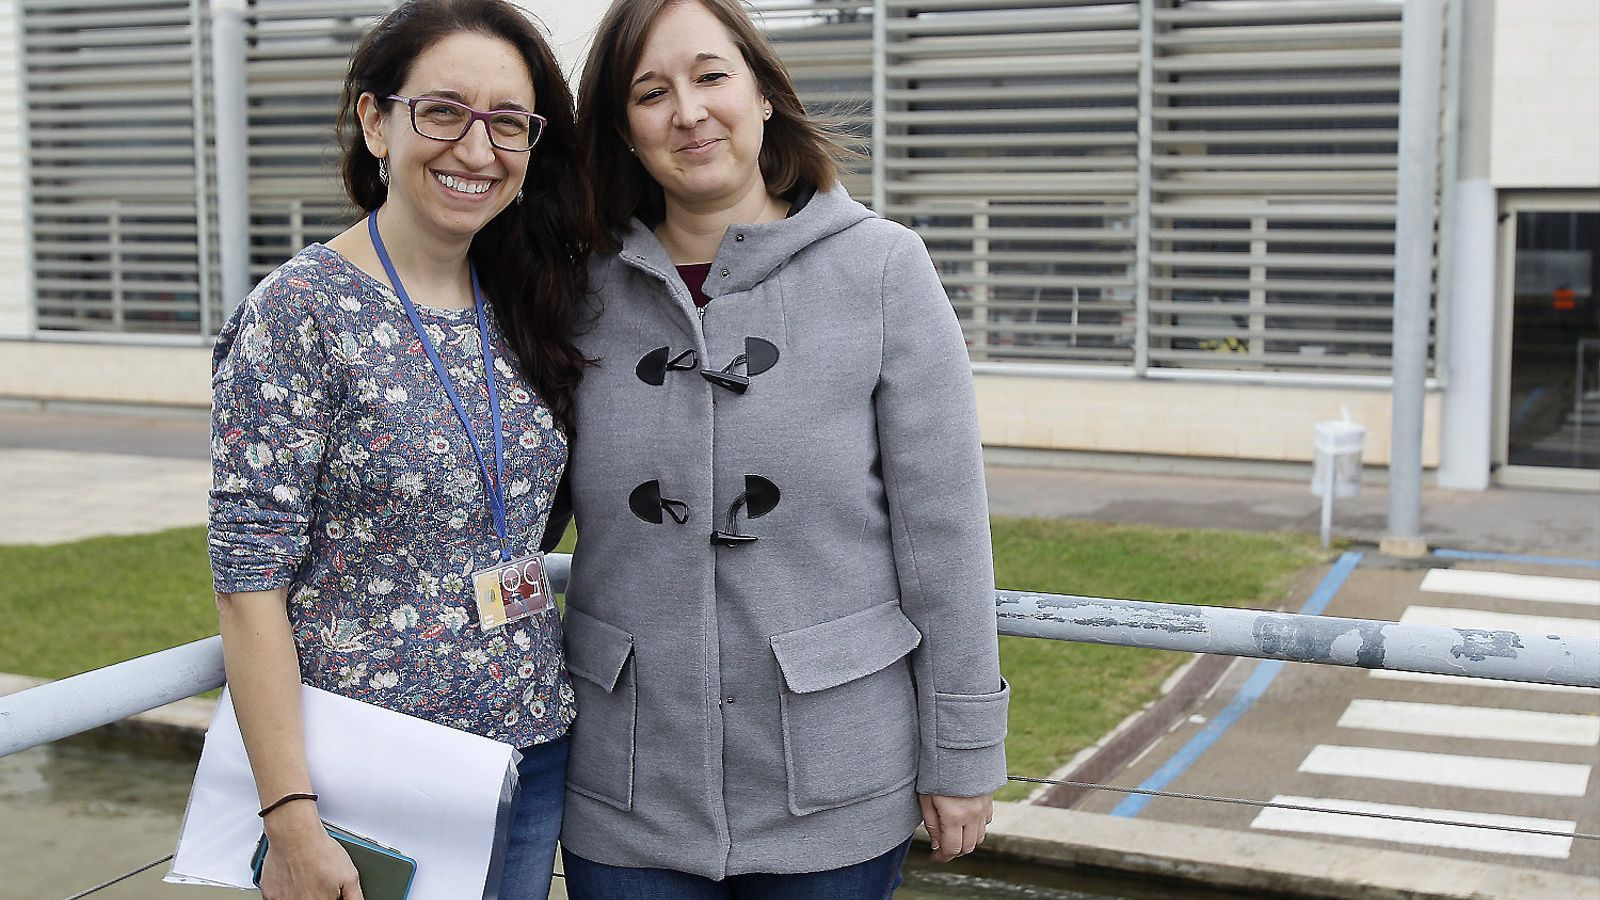 Vicky Fullana i Núria Jiménez són dues de les treballadores socials d'Amadip Esment que s'encarreguen tant d'orientar les famílies com d'assessorar els discapacitats en l'àrea de drets.